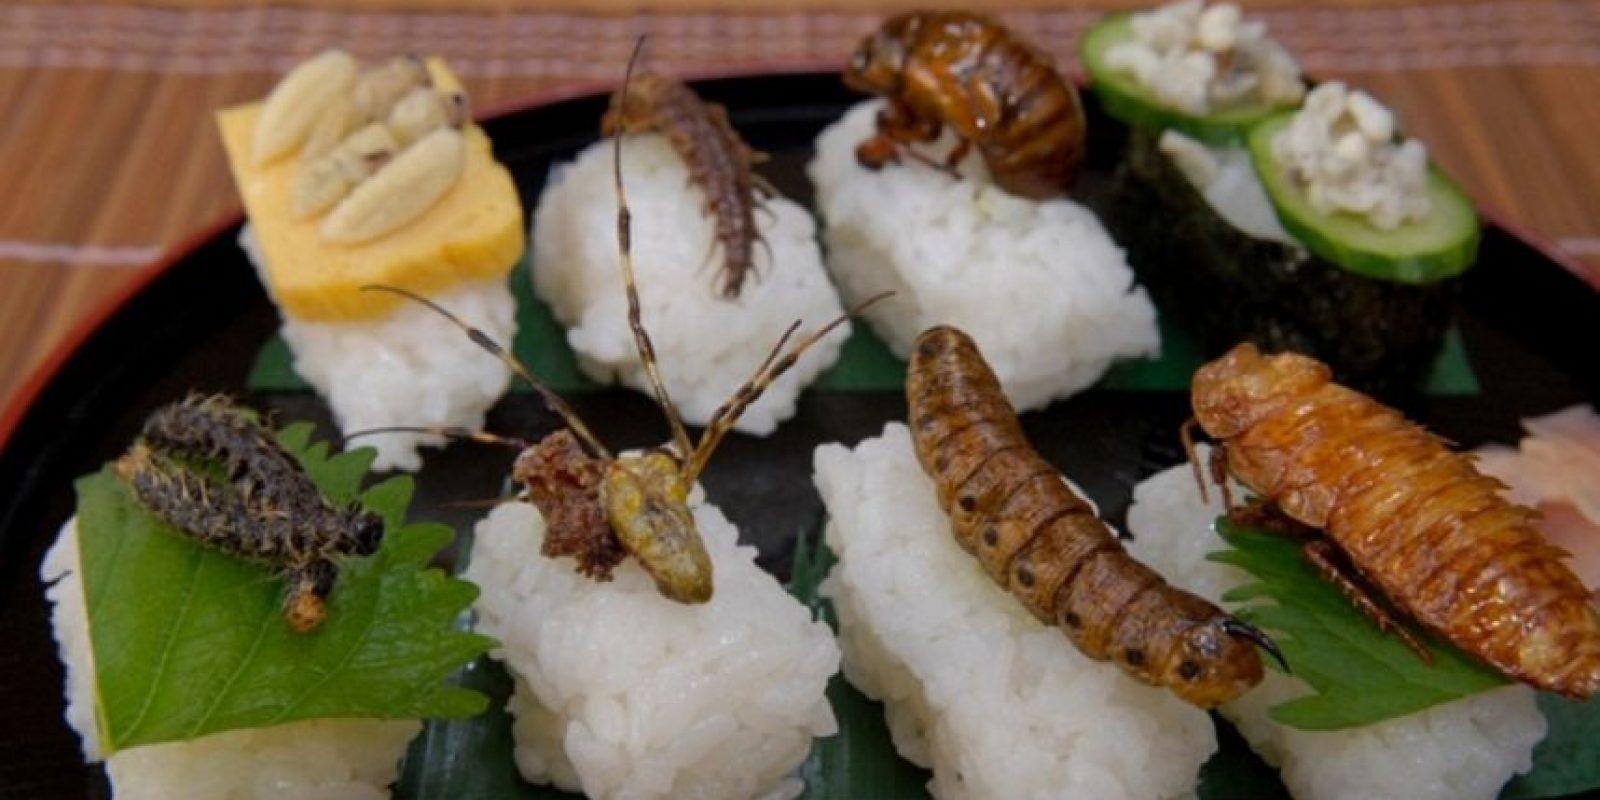 """""""La recolección de insectos y su crianza a nivel del hogar o la escala industrial puede ofrecer importantes oportunidades de subsistencia para las personas, tanto en países en desarrollo como en países desarrollados"""", indicó el estudio. Foto:vía foodiegossip"""